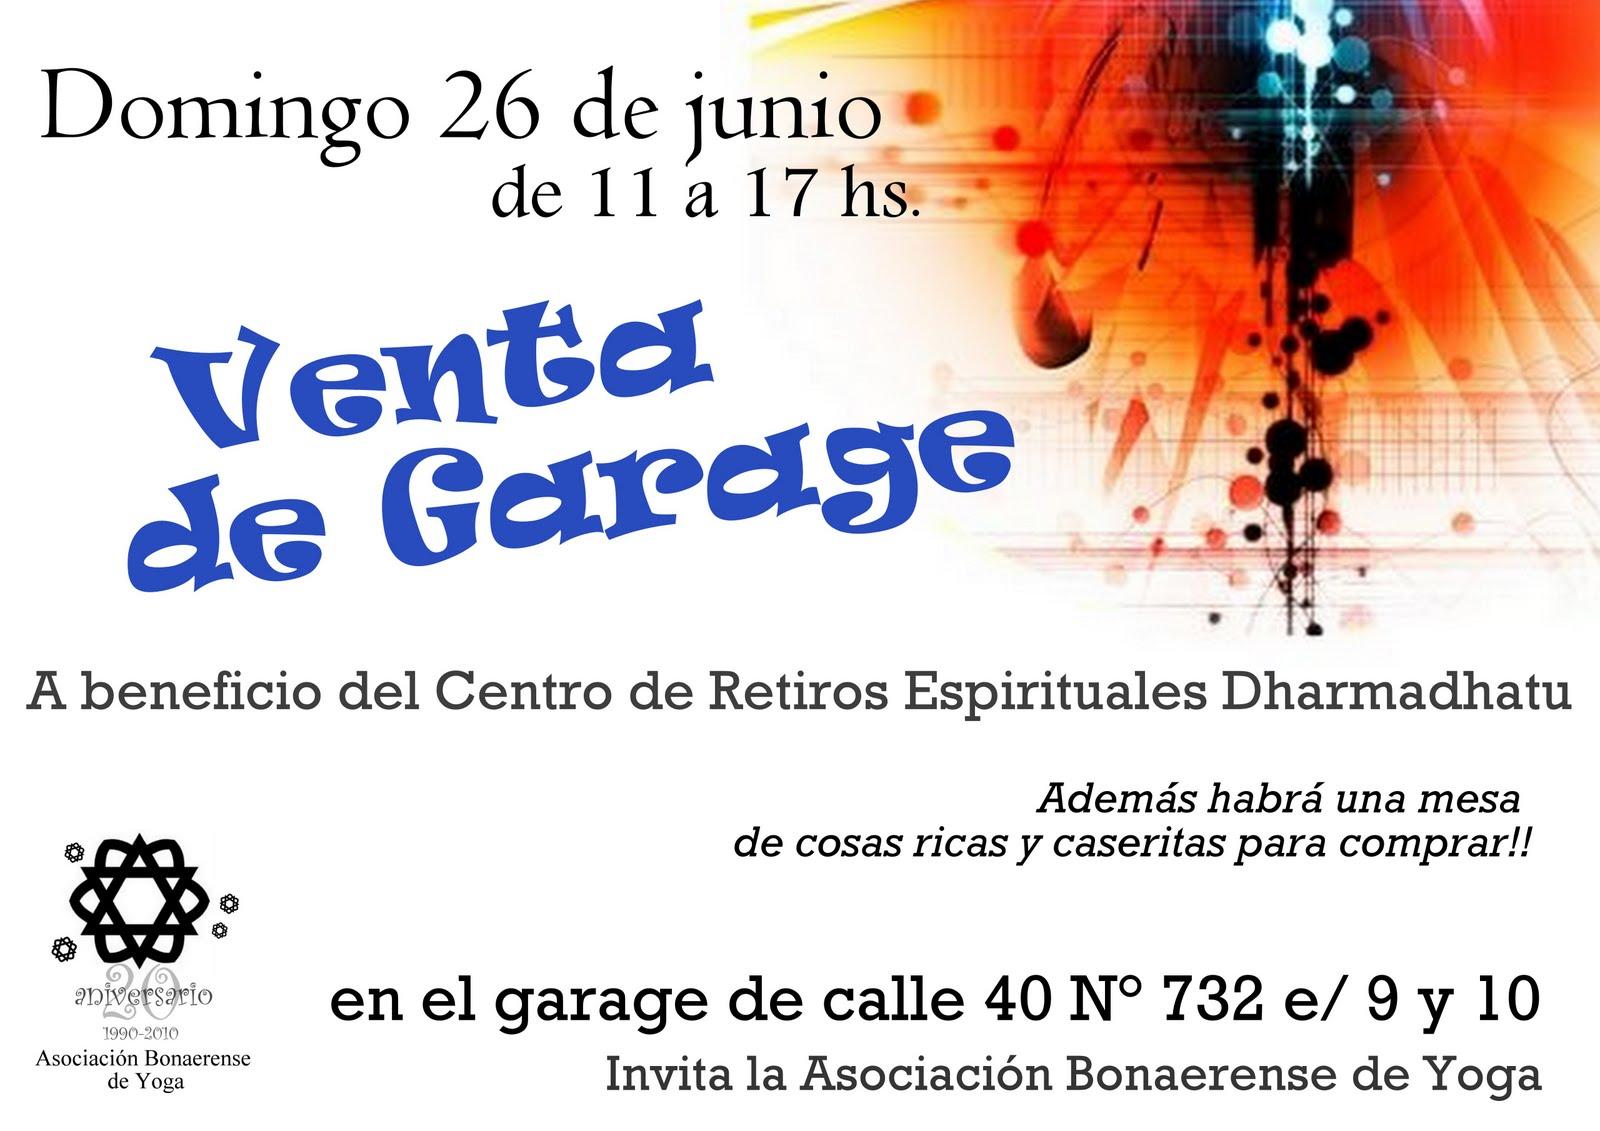 Asociaci n bonaerense de yoga junio venta de garage - Vender garaje ...